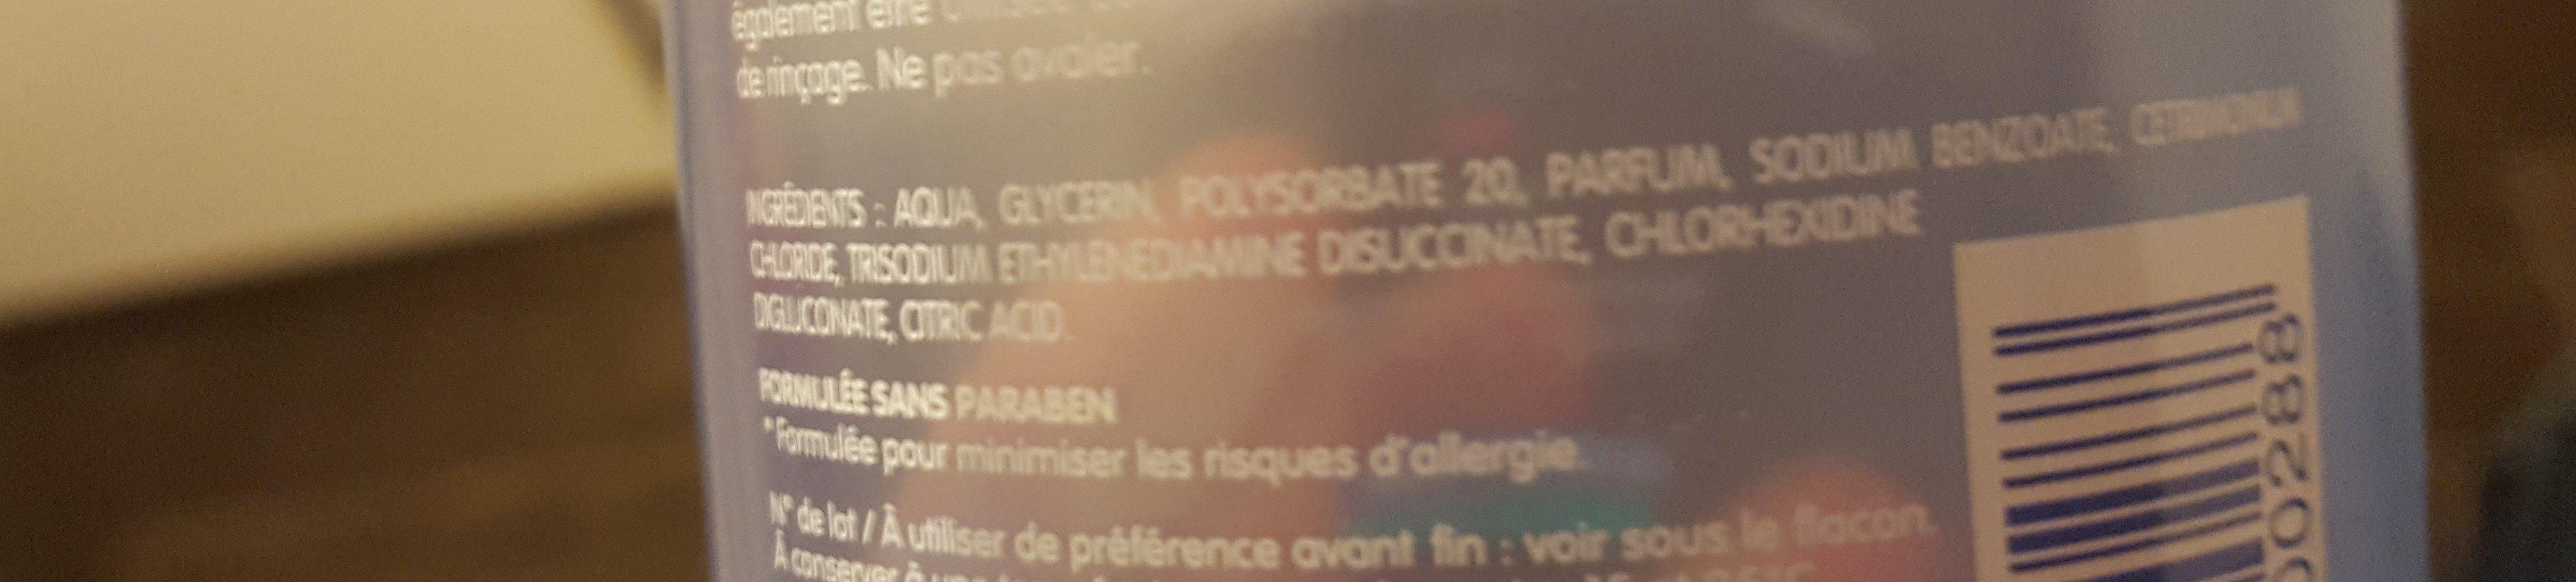 Eau Pure Nettoyante H20 Pour Bébés Biolane, - Ingrédients - fr